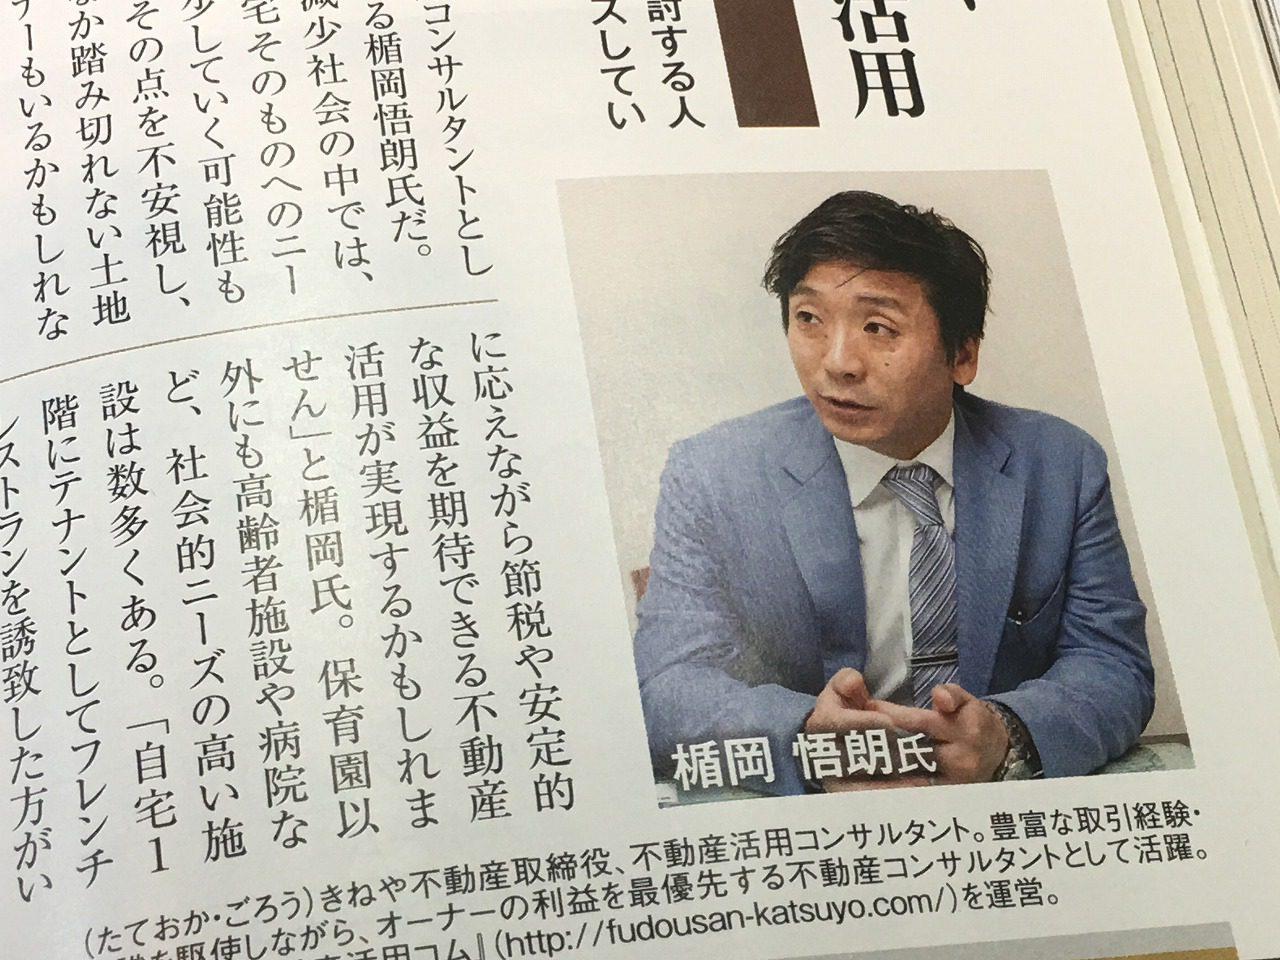 文藝春秋6月号にインタビュー記事が掲載されています